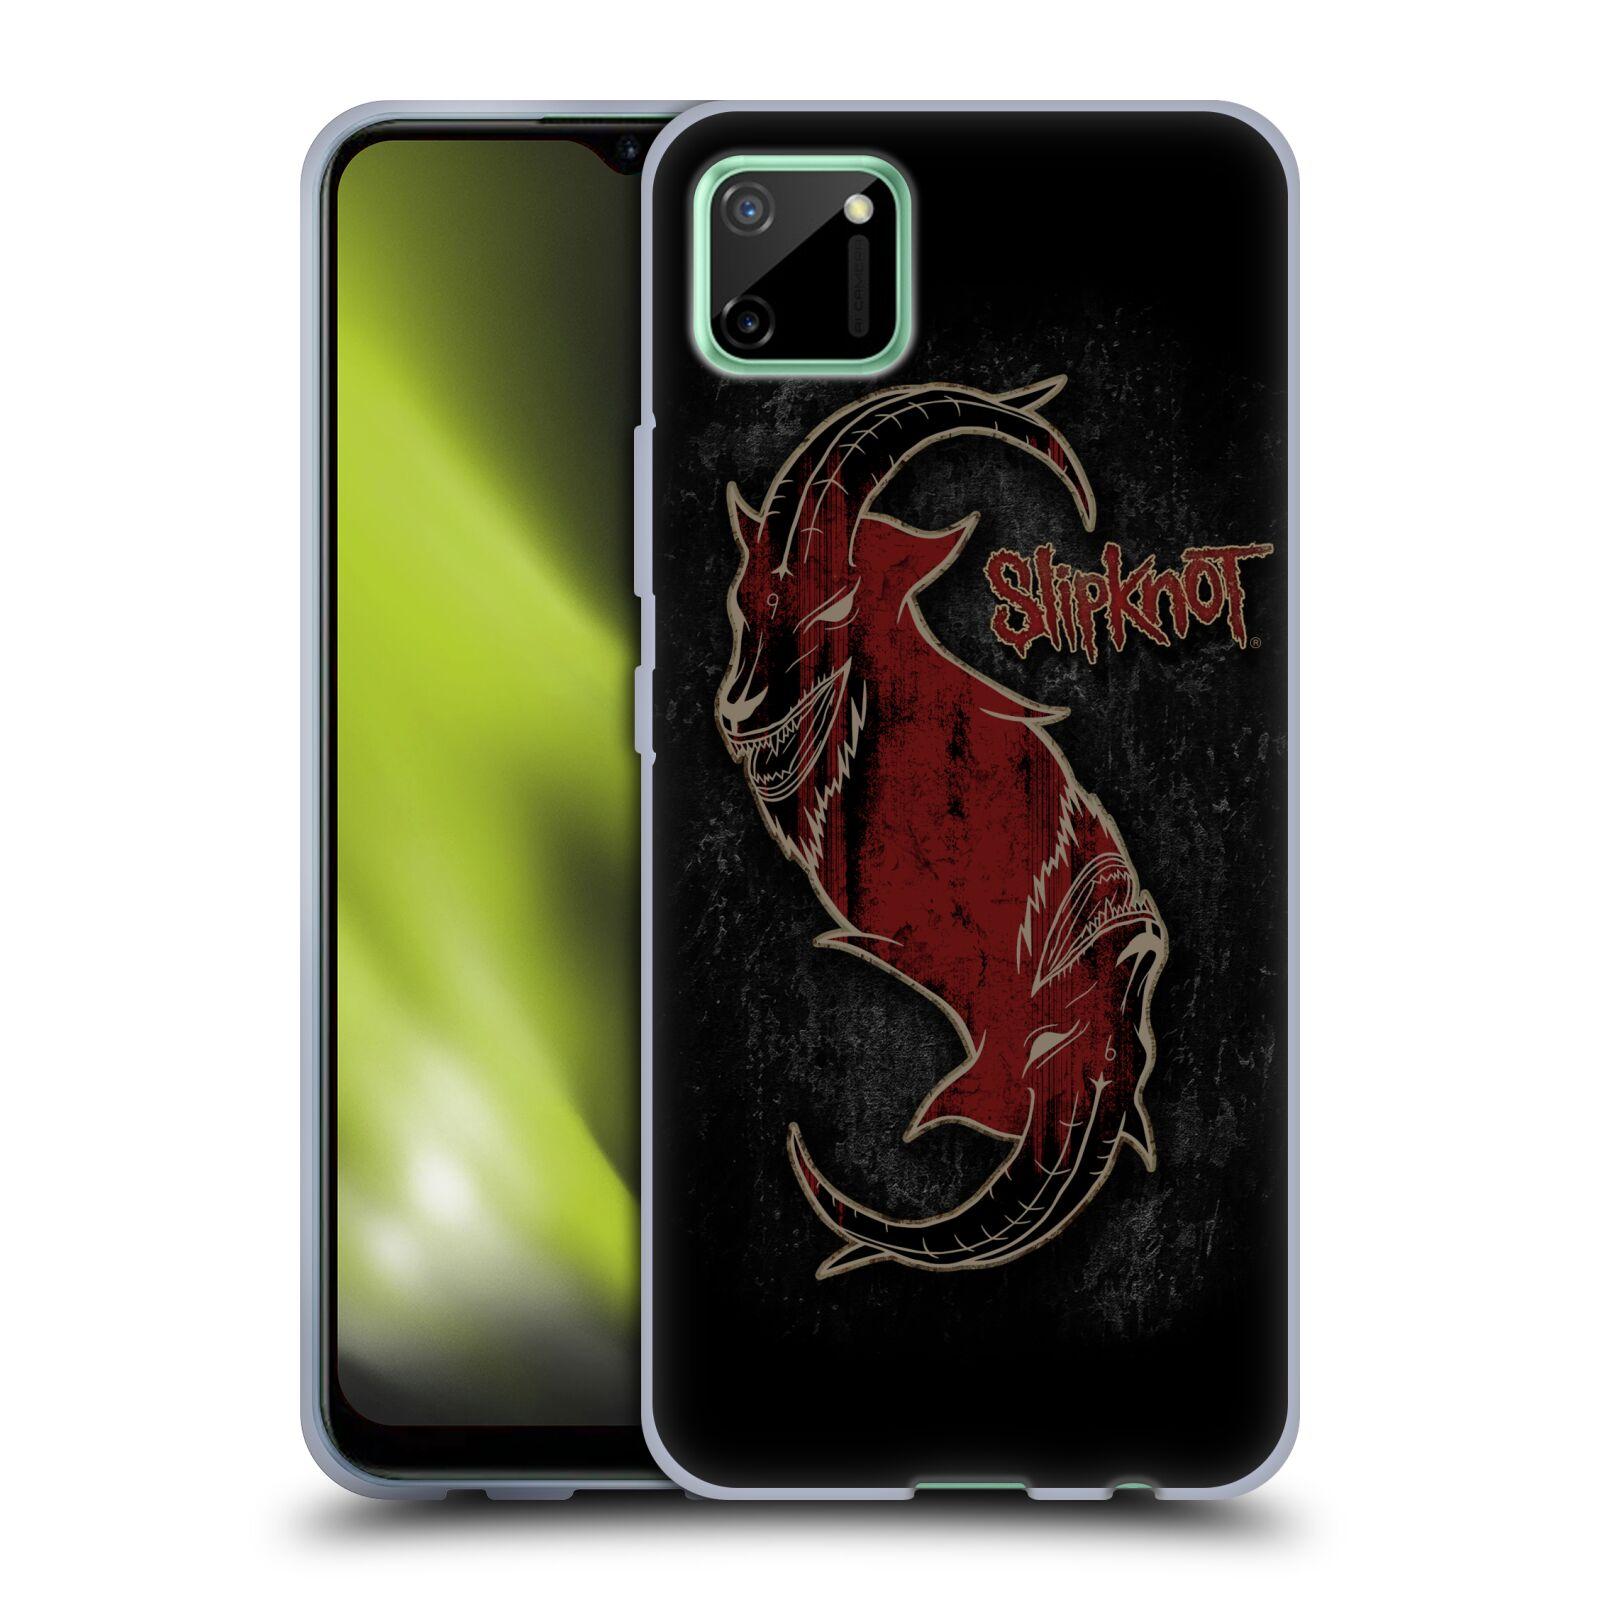 Silikonové pouzdro na mobil Realme C11 - Head Case - Slipknot - Rudý kozel